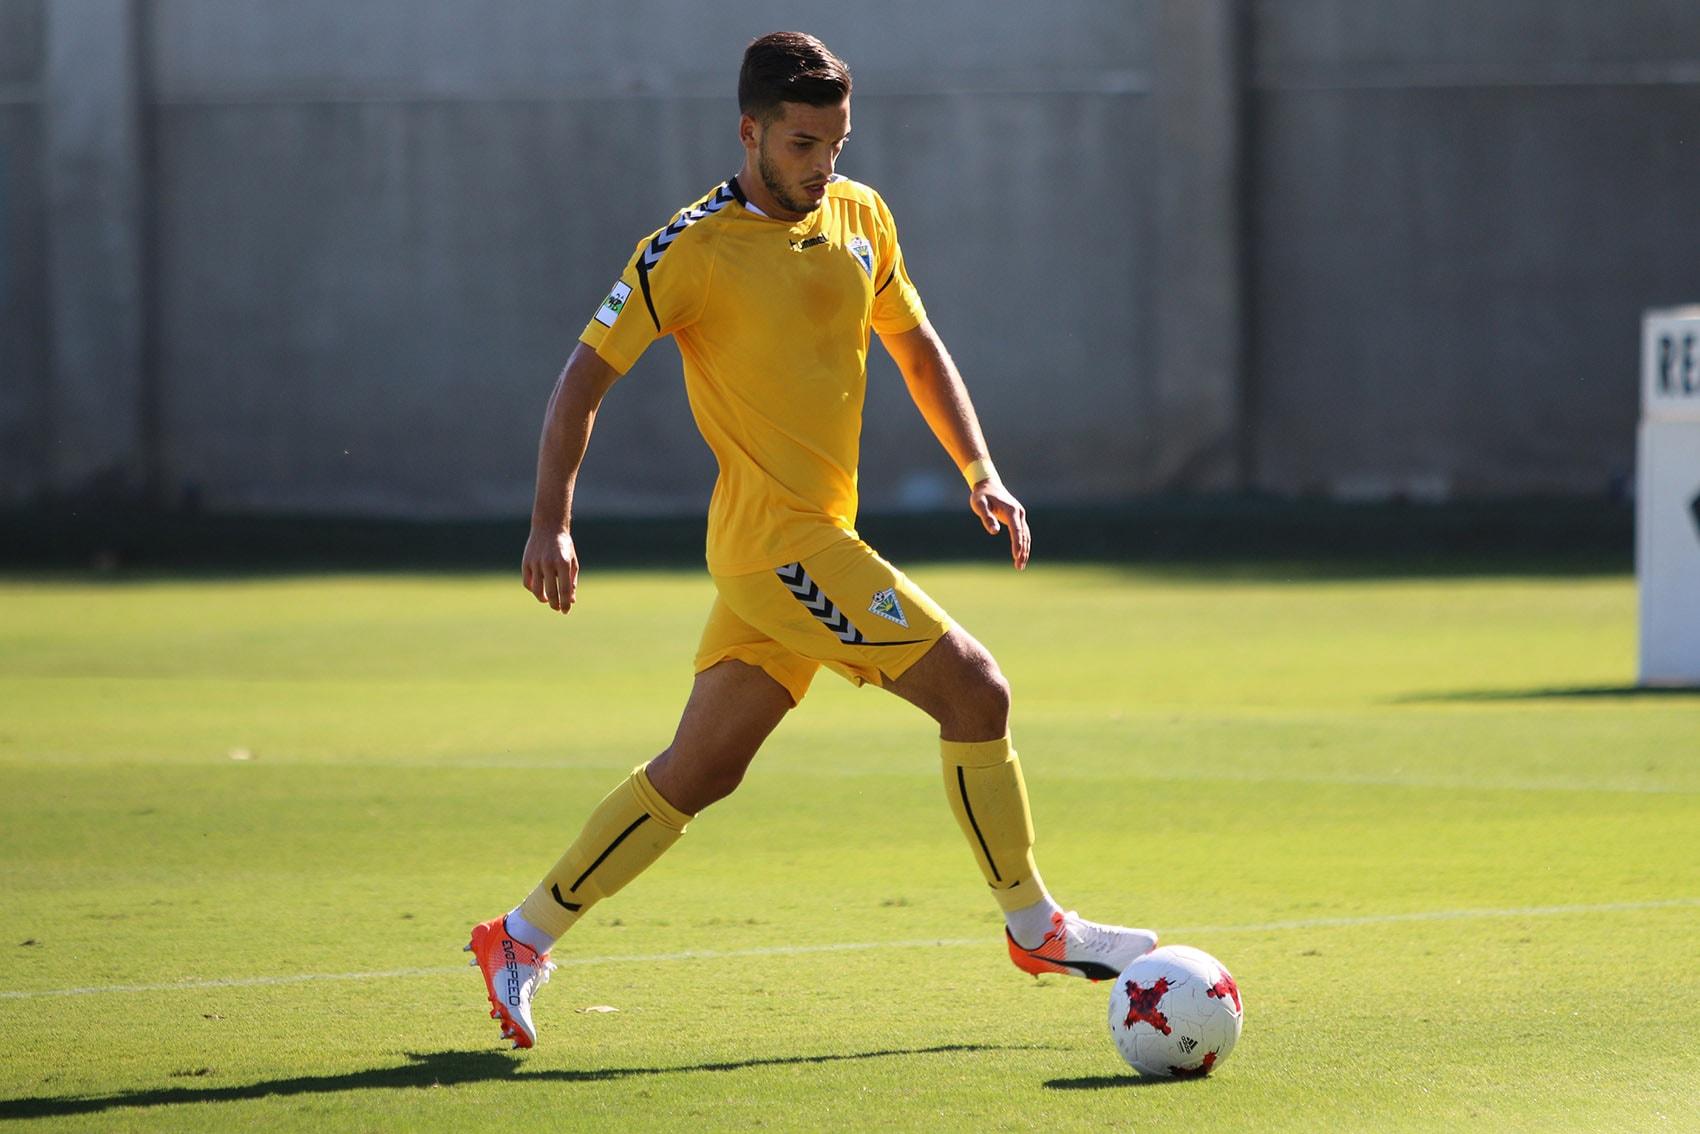 El Marbella FC se mantiene en puesto de fase de ascenso tras caer ante el Recreativo